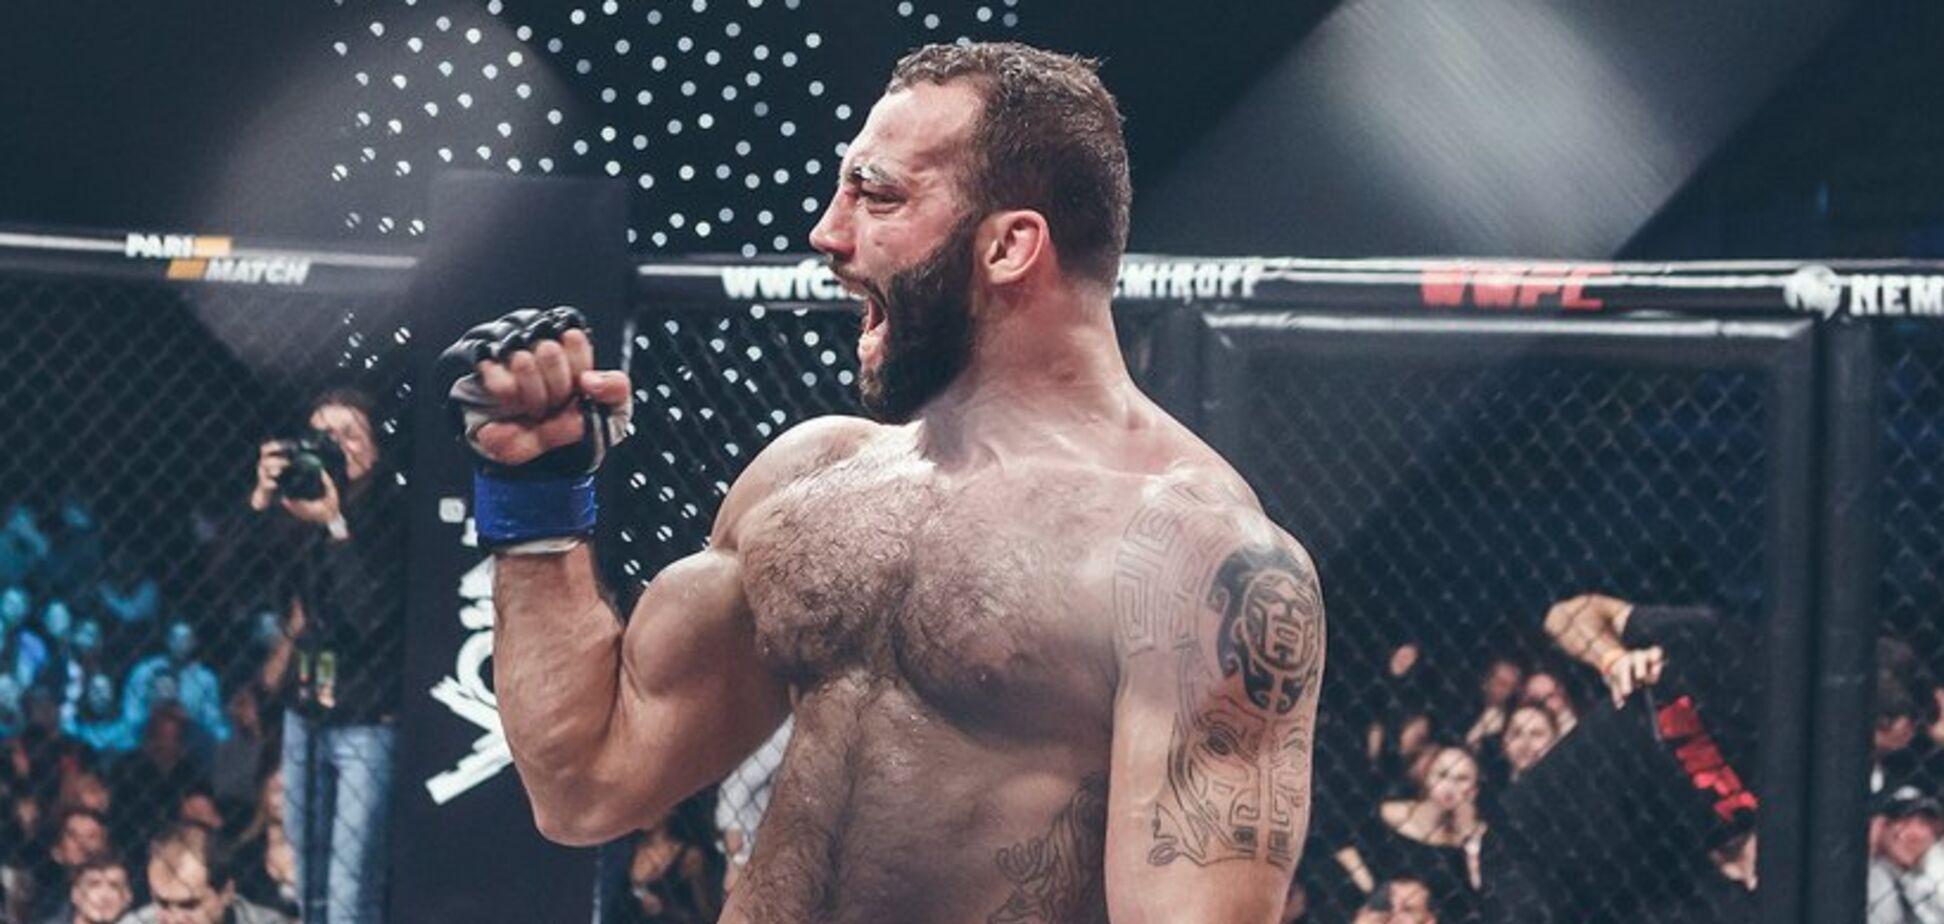 Роман Долидзе из WWFC перешел в UFC